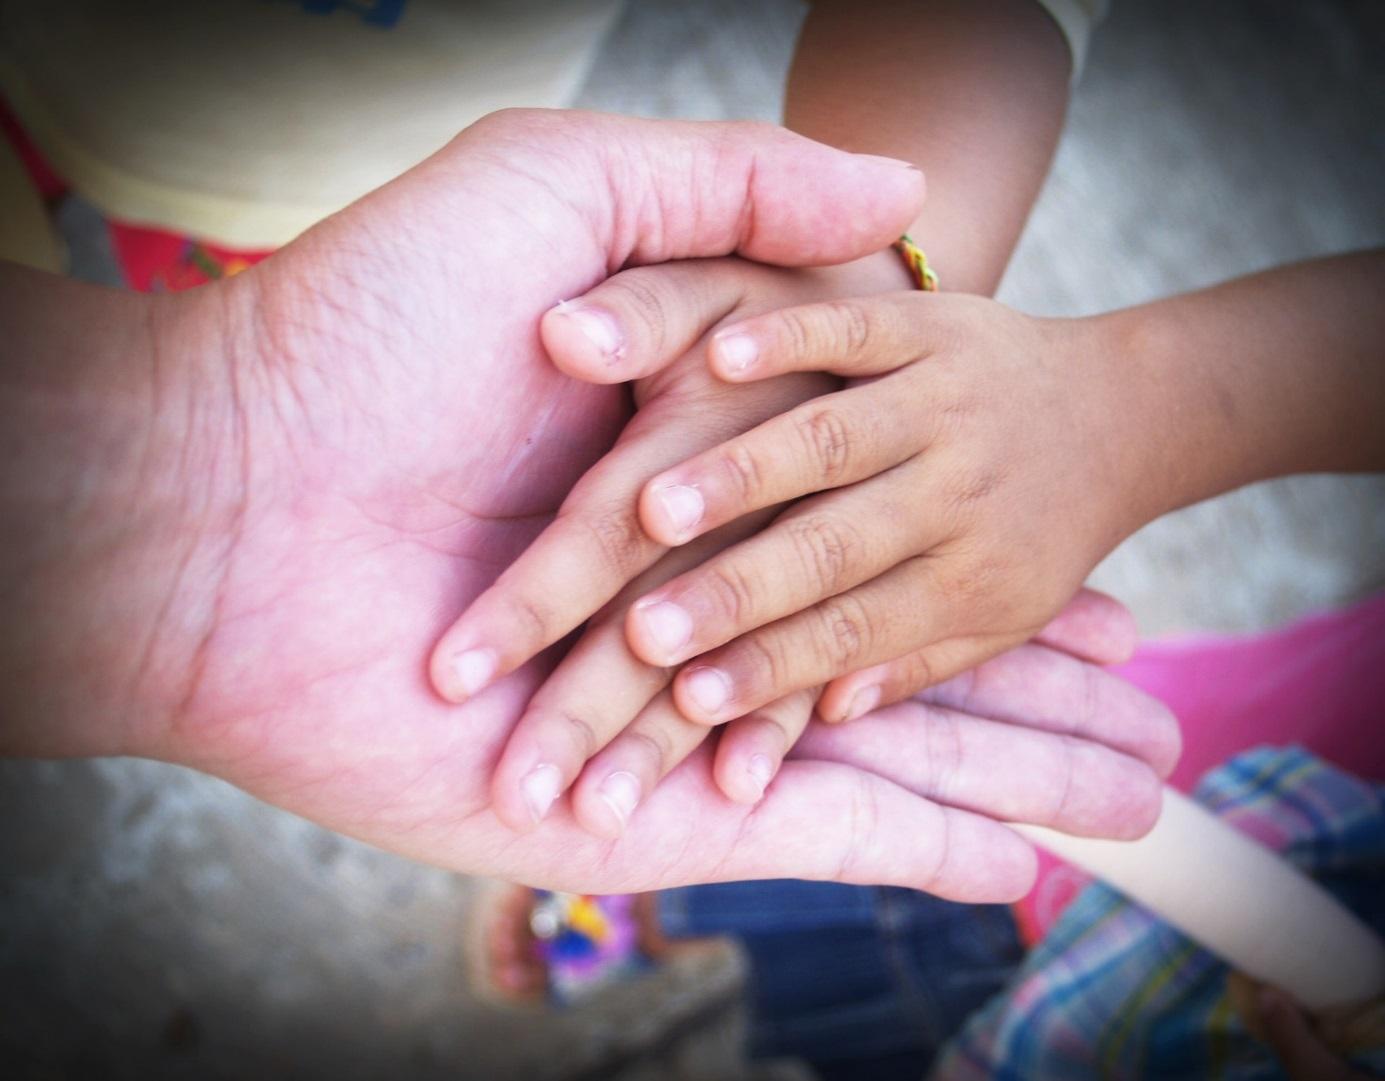 Kinder- und Erwachsenenhände unfassen sich. [Copyright = imagesthai.com / pexels.com]